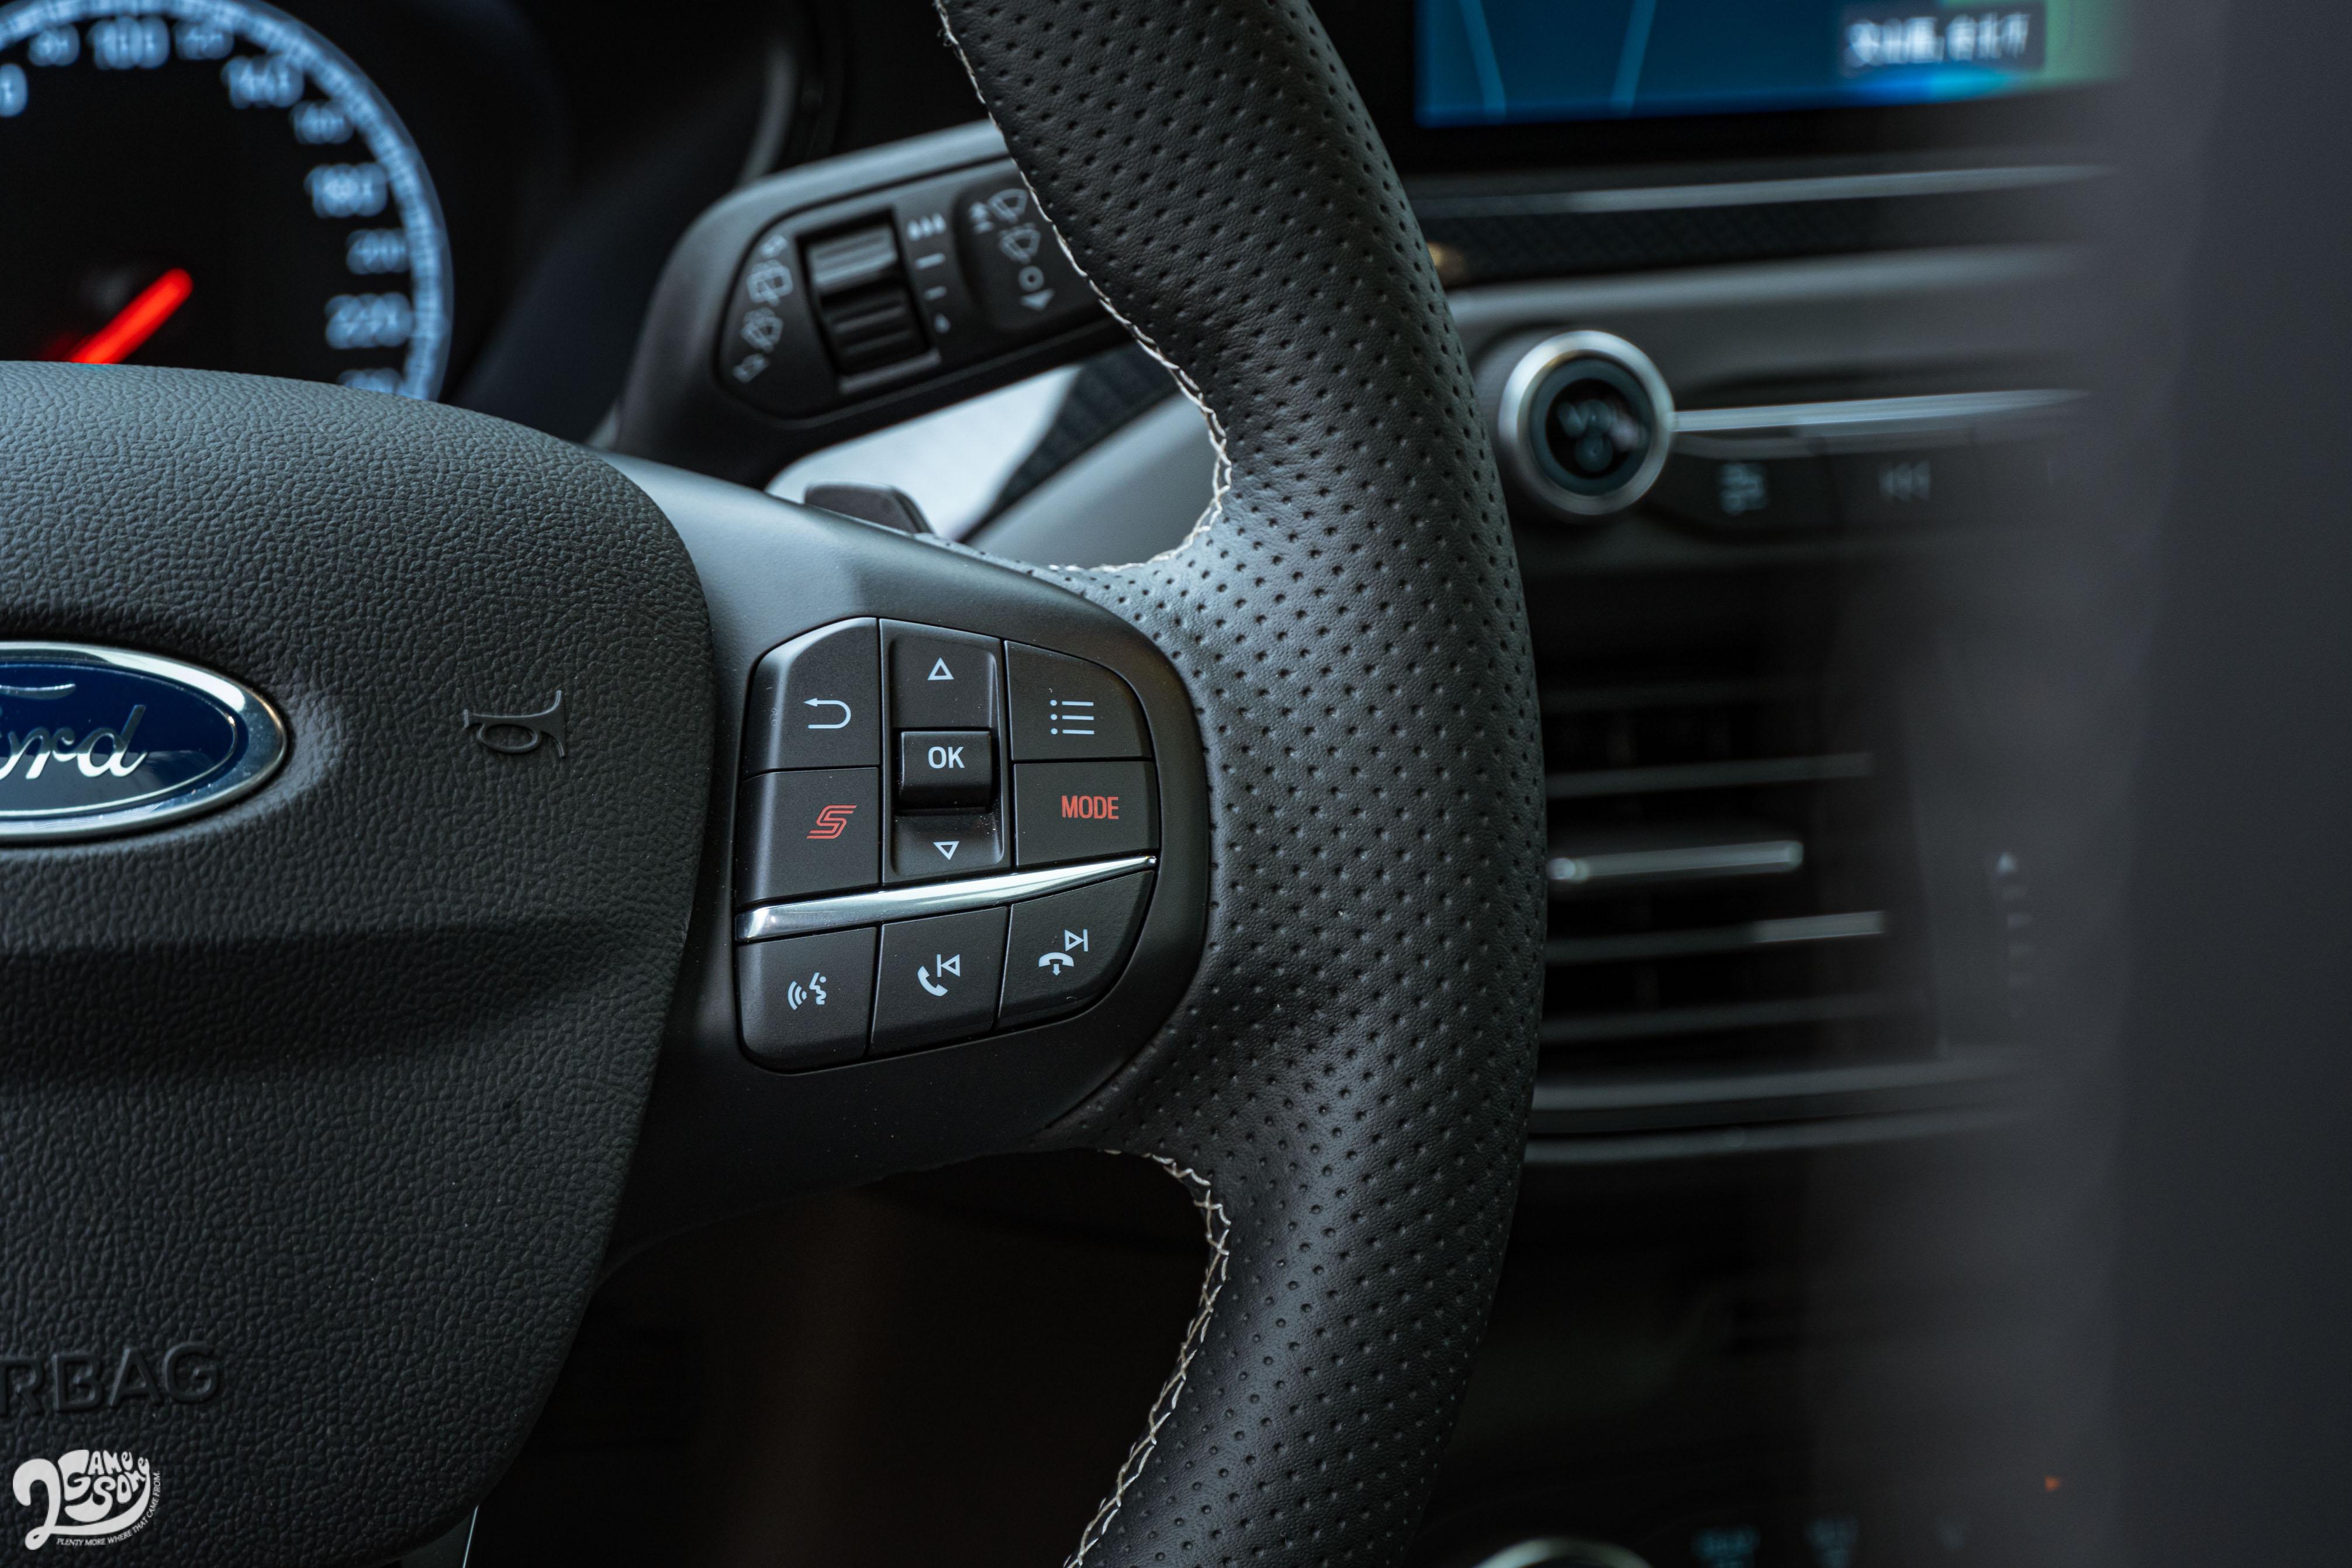 方向盤右側有模式切換鍵與「S」運動模式快捷鍵。